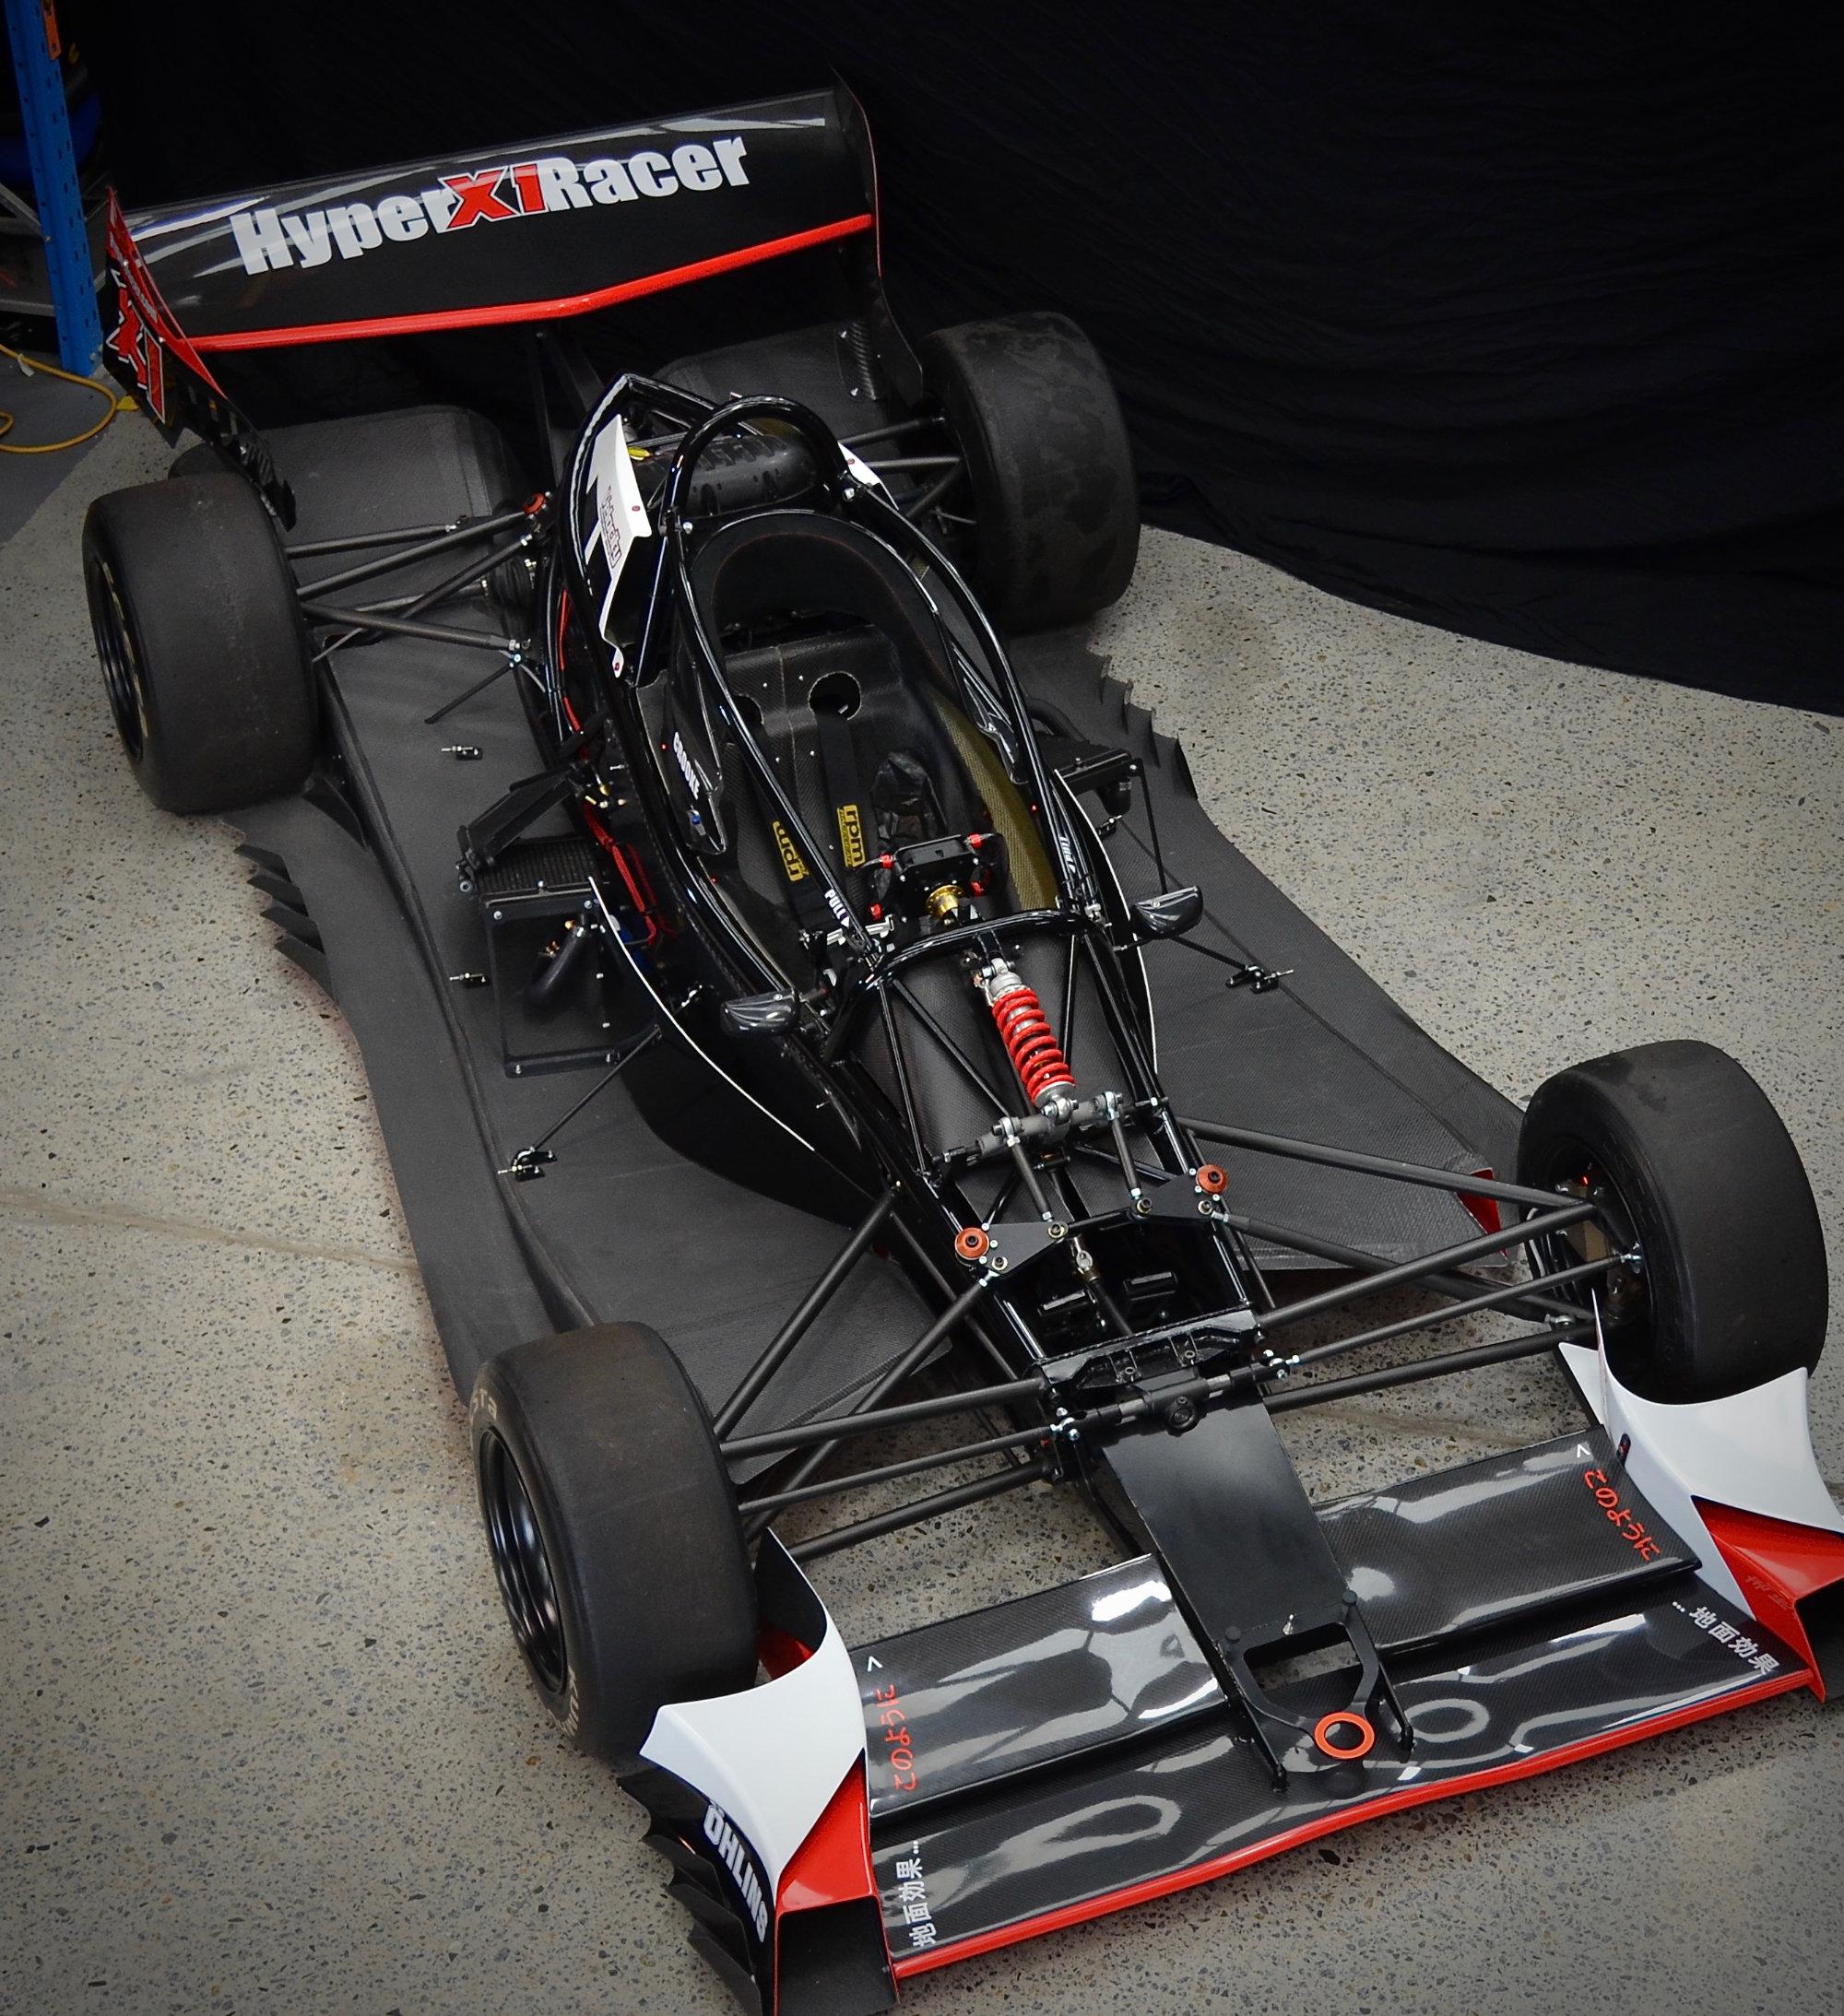 HyperX1Racer top 4s